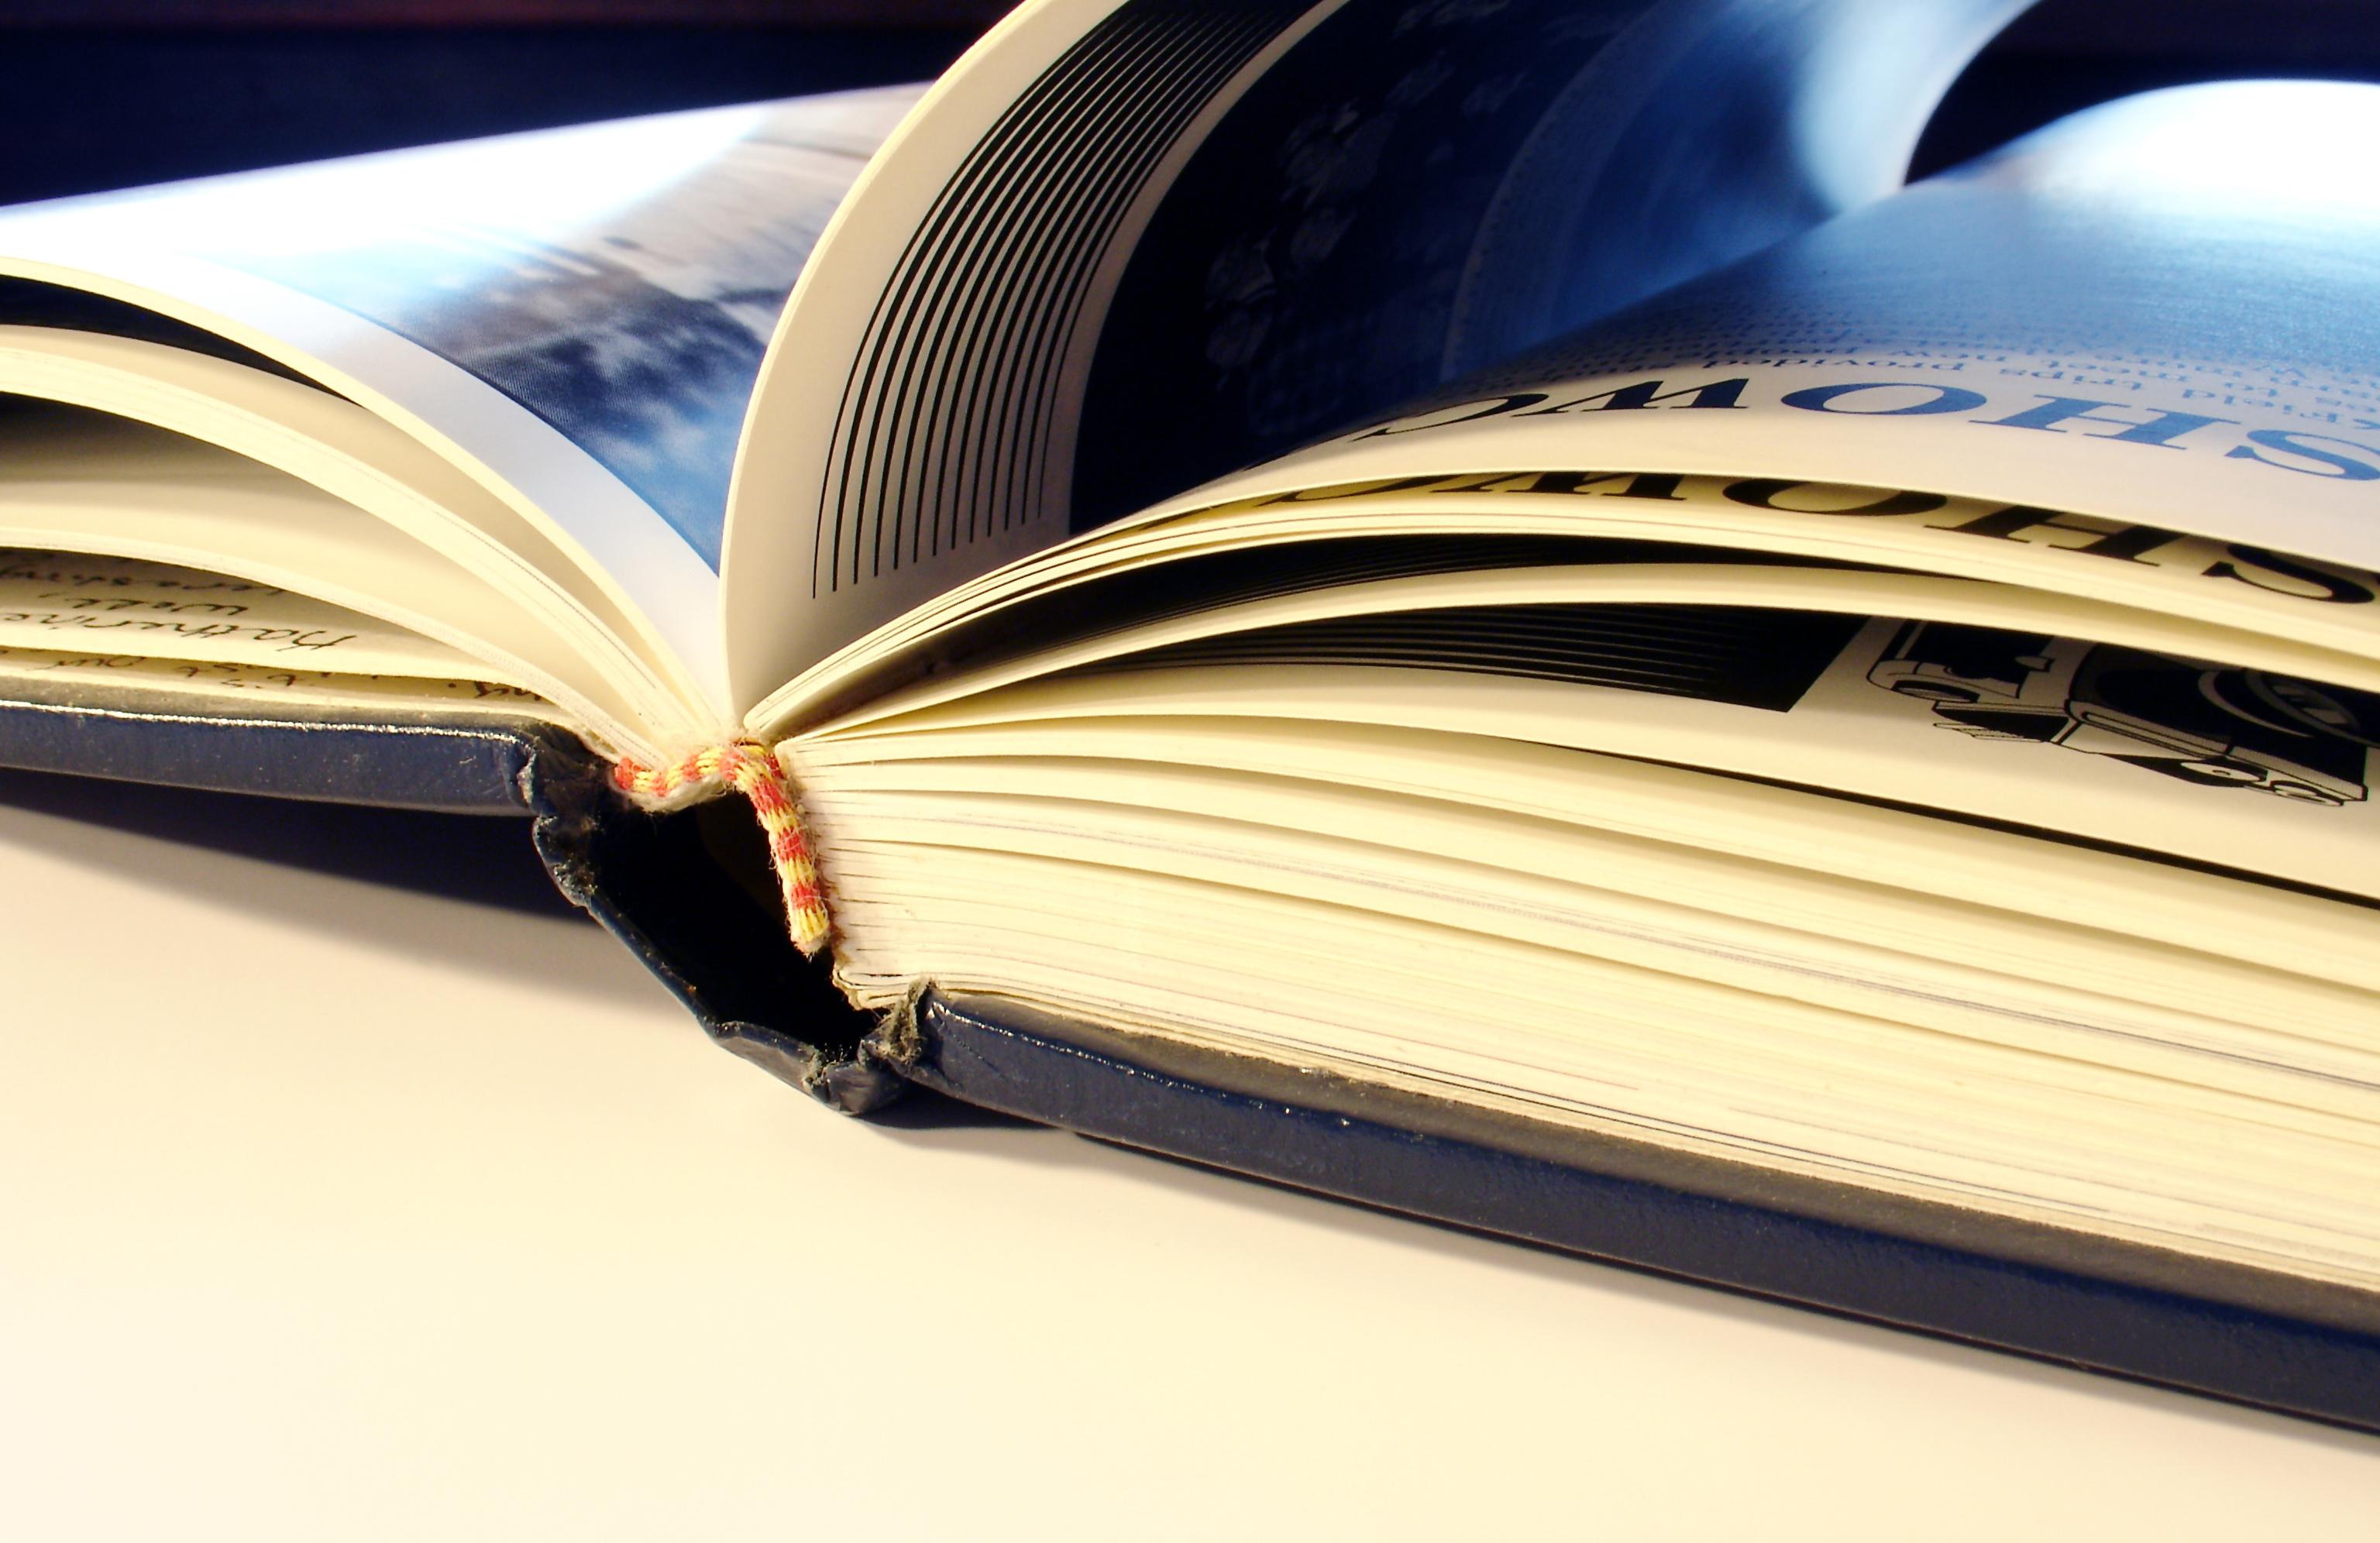 libro psicologia siquia